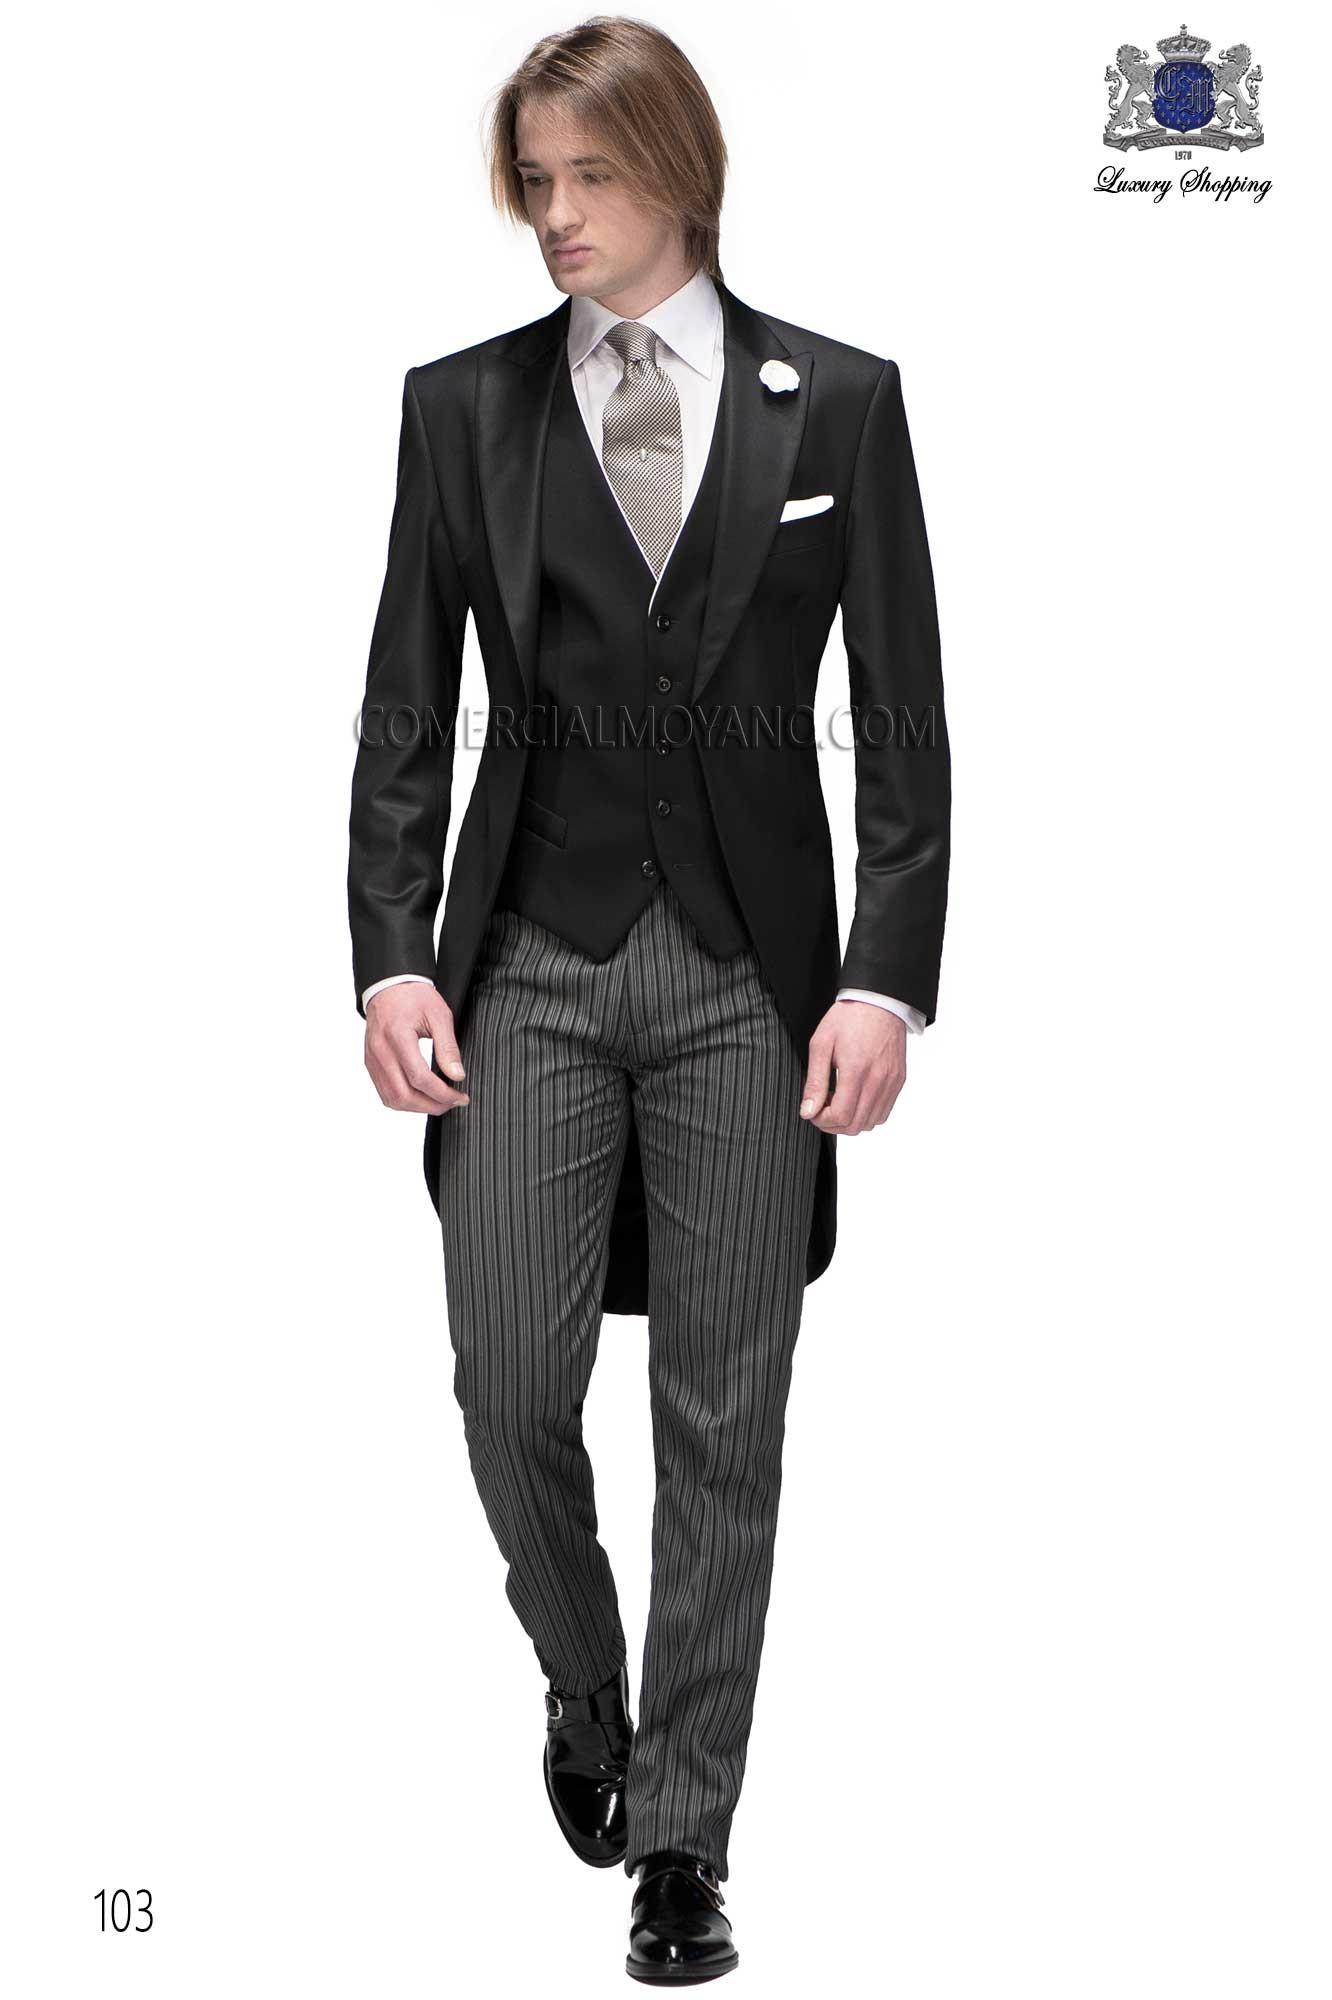 Traje de novio chaqué italiano a medida levita negra sin corte en la cintura, pantalón raya diplomática, modelo 103 Ottavio Nuccio Gala colección Gentleman.